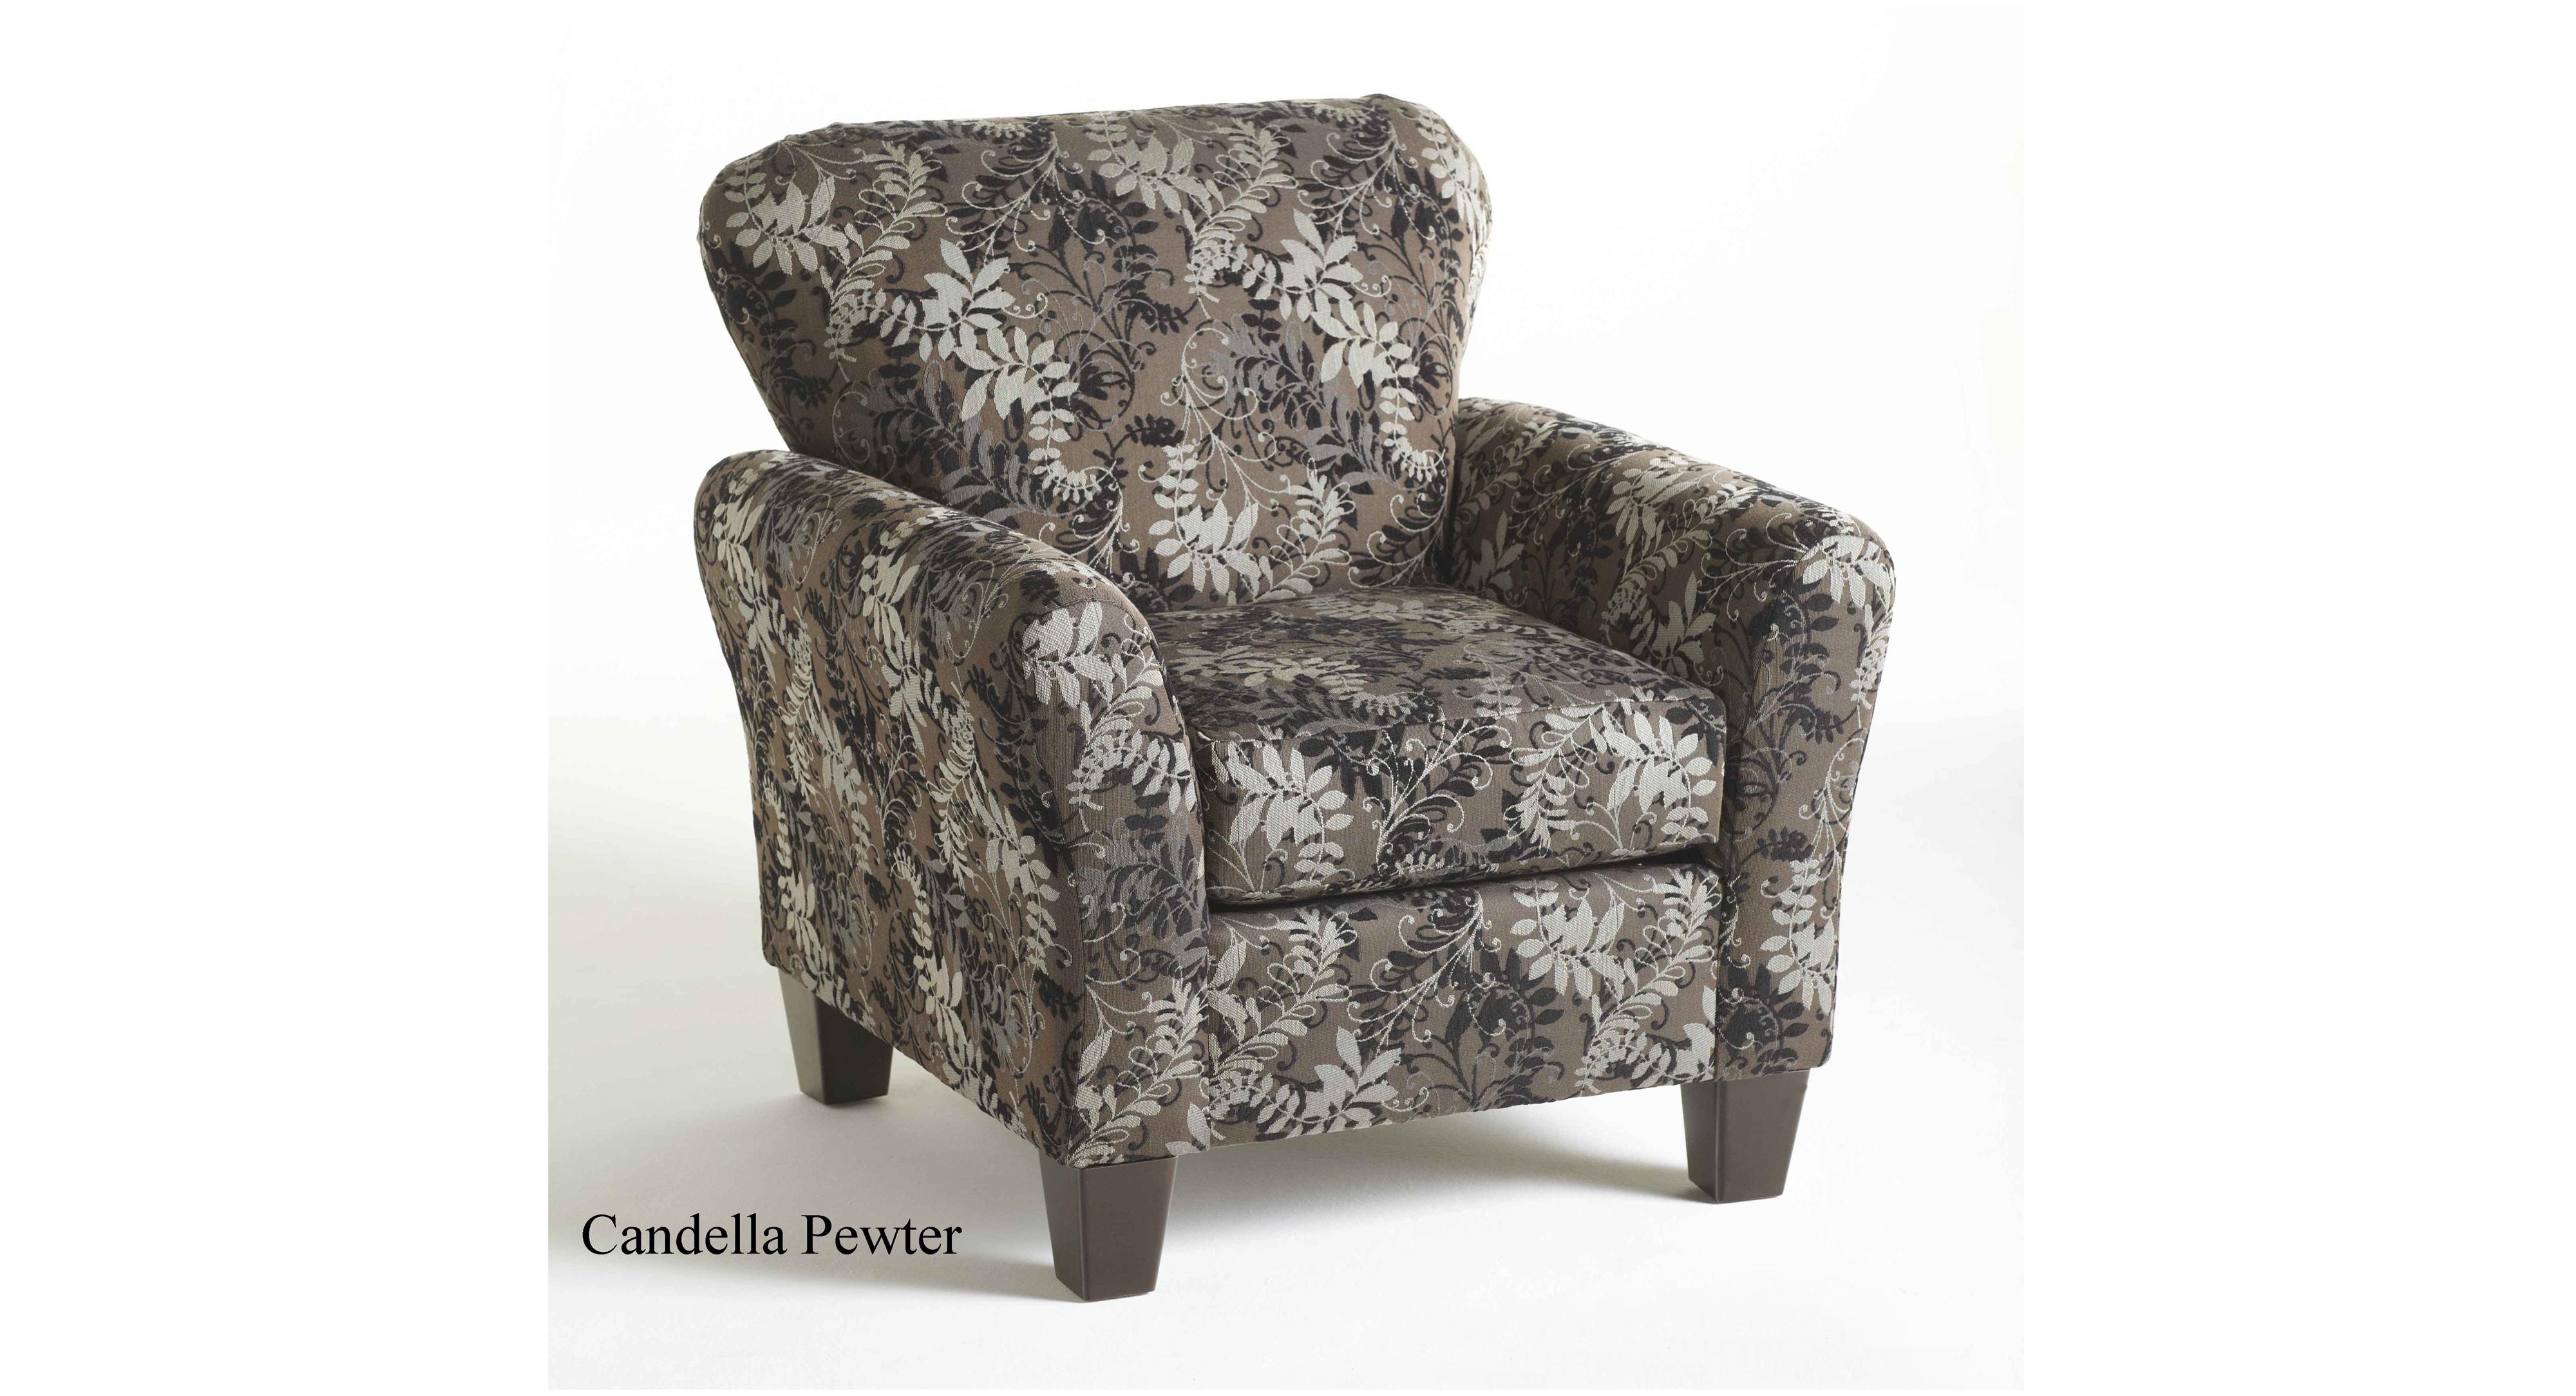 LH3010-OC Candella Pewter 3